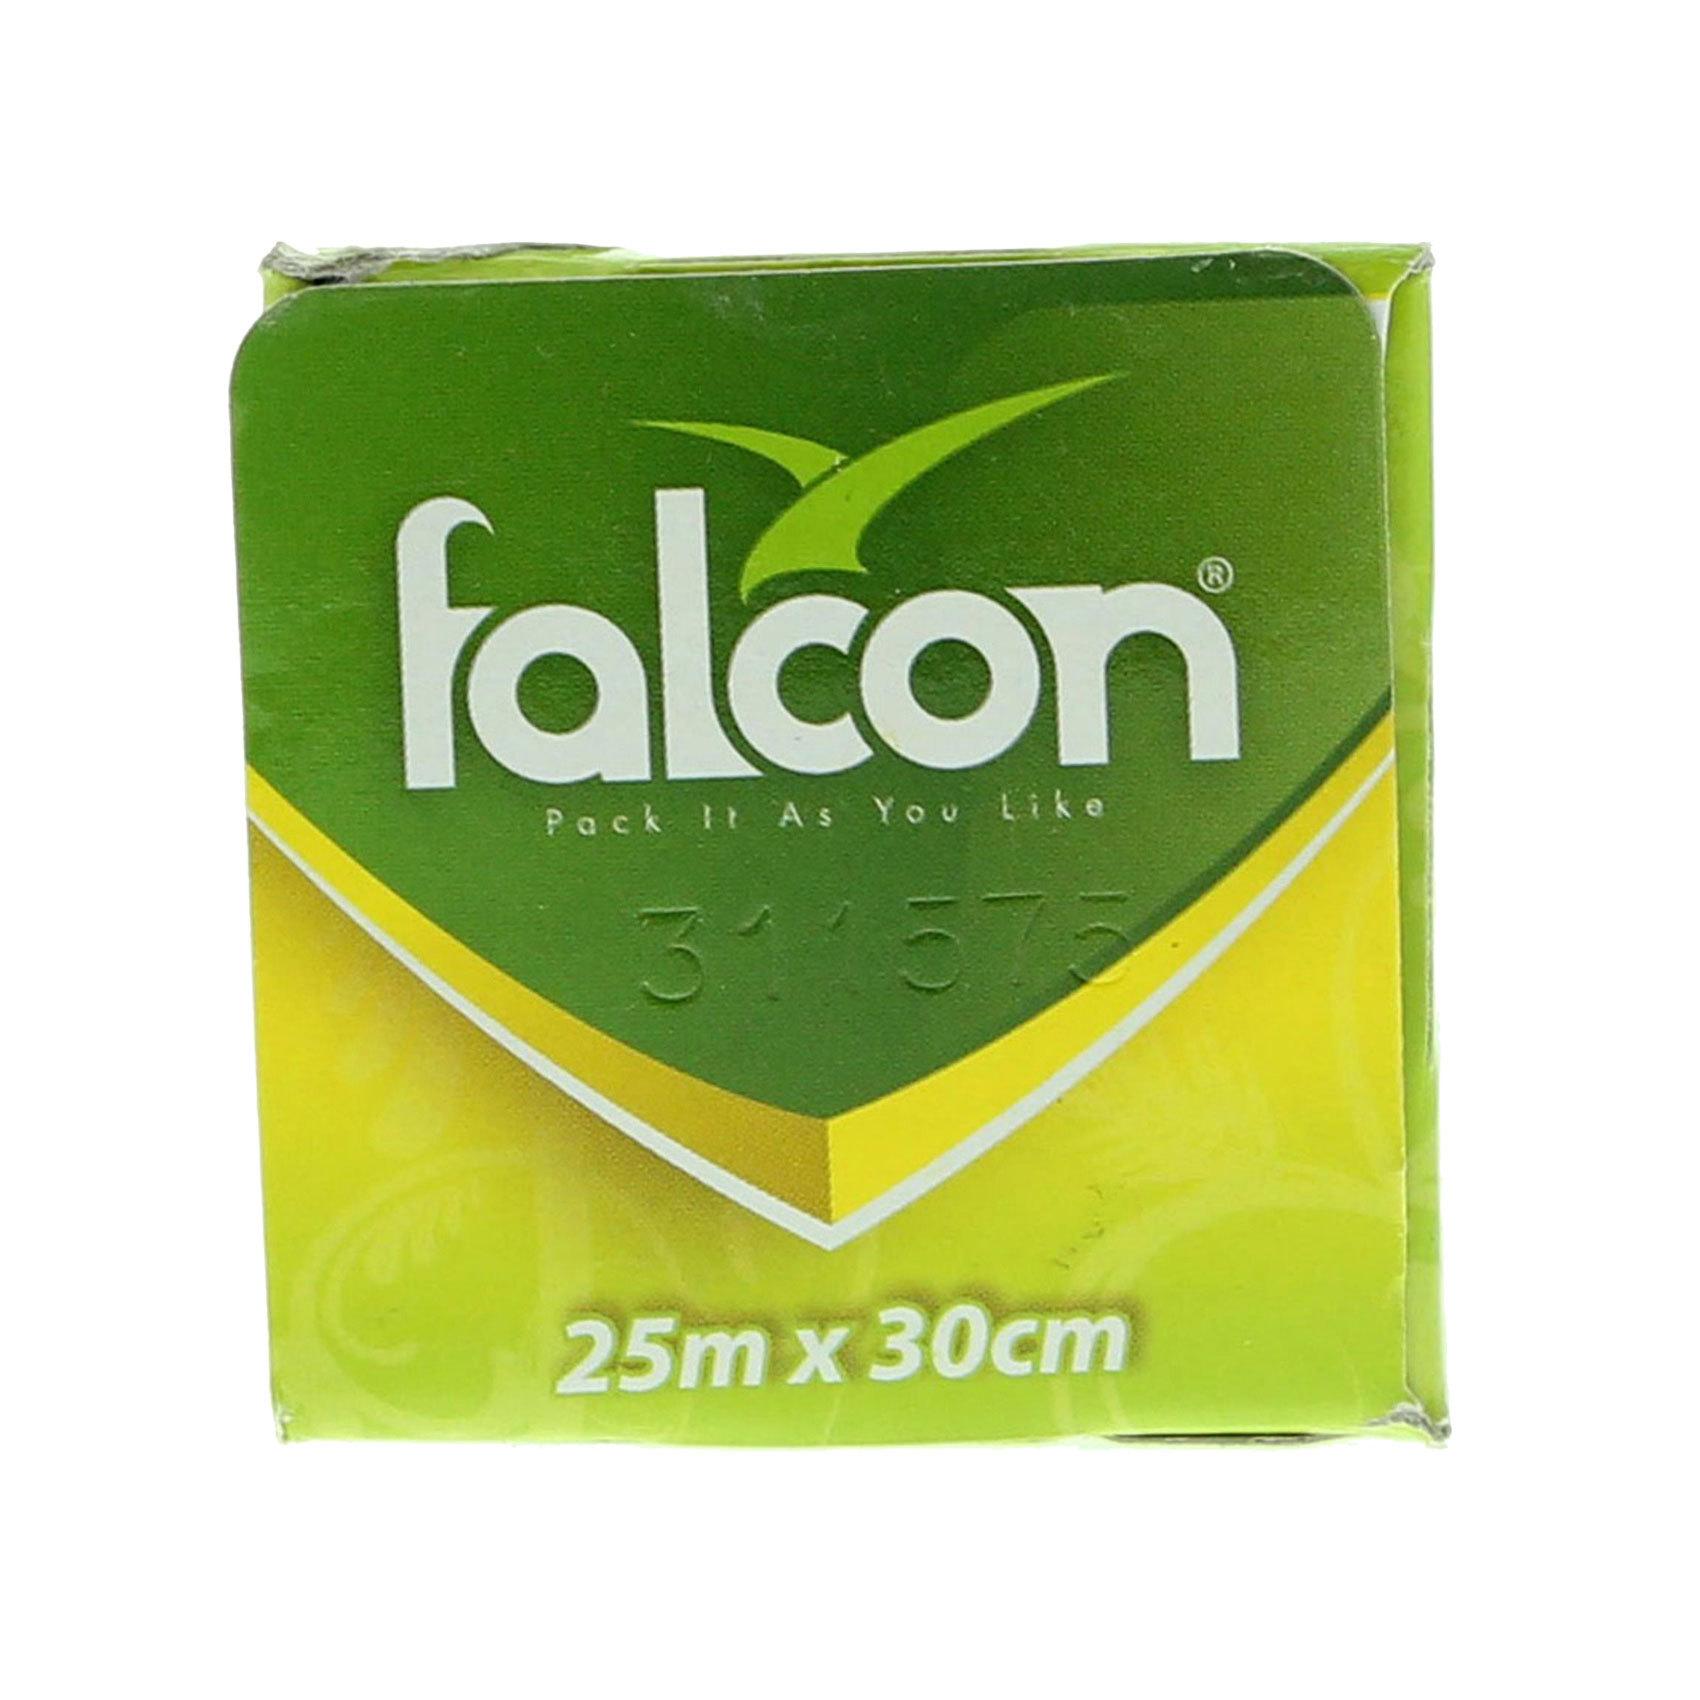 FALCON WAX PAPER 25M(30CM)